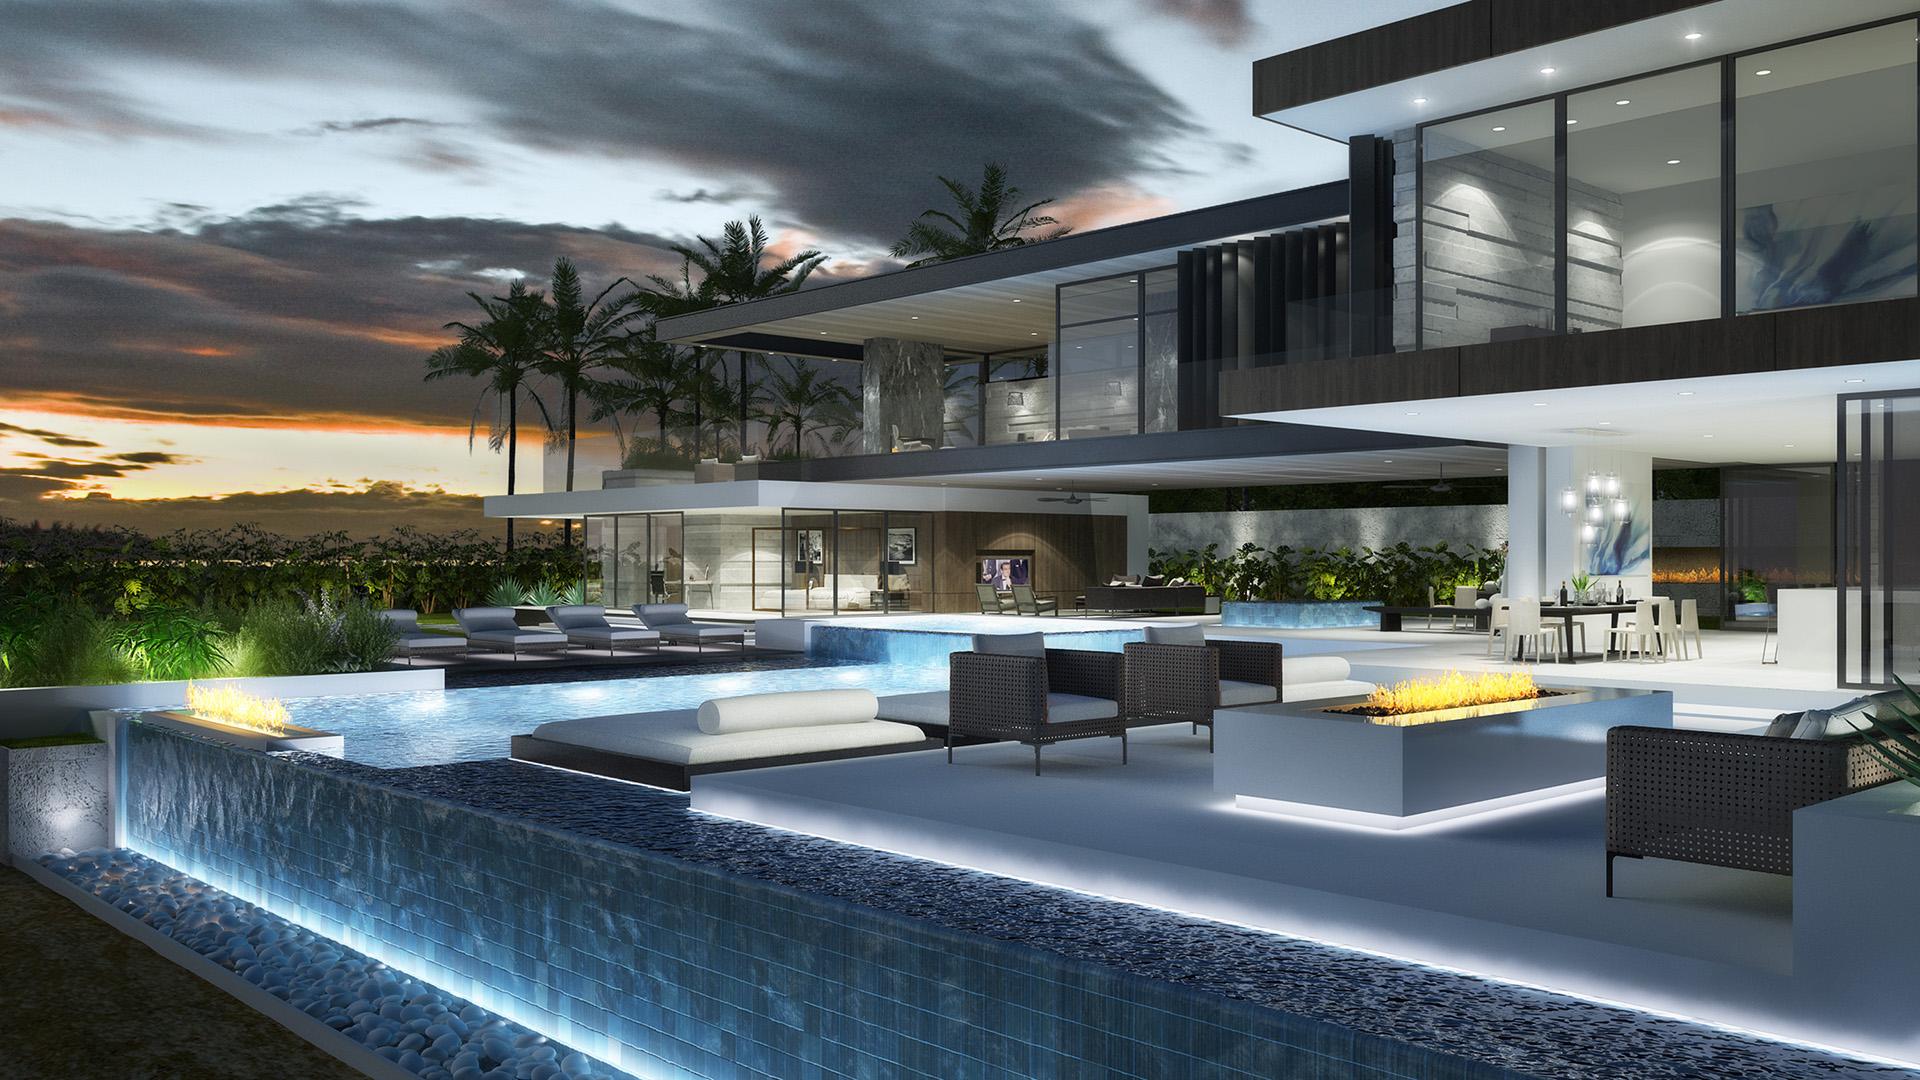 Beach House, Los Angeles - 3d-realview.com3d-realview.com